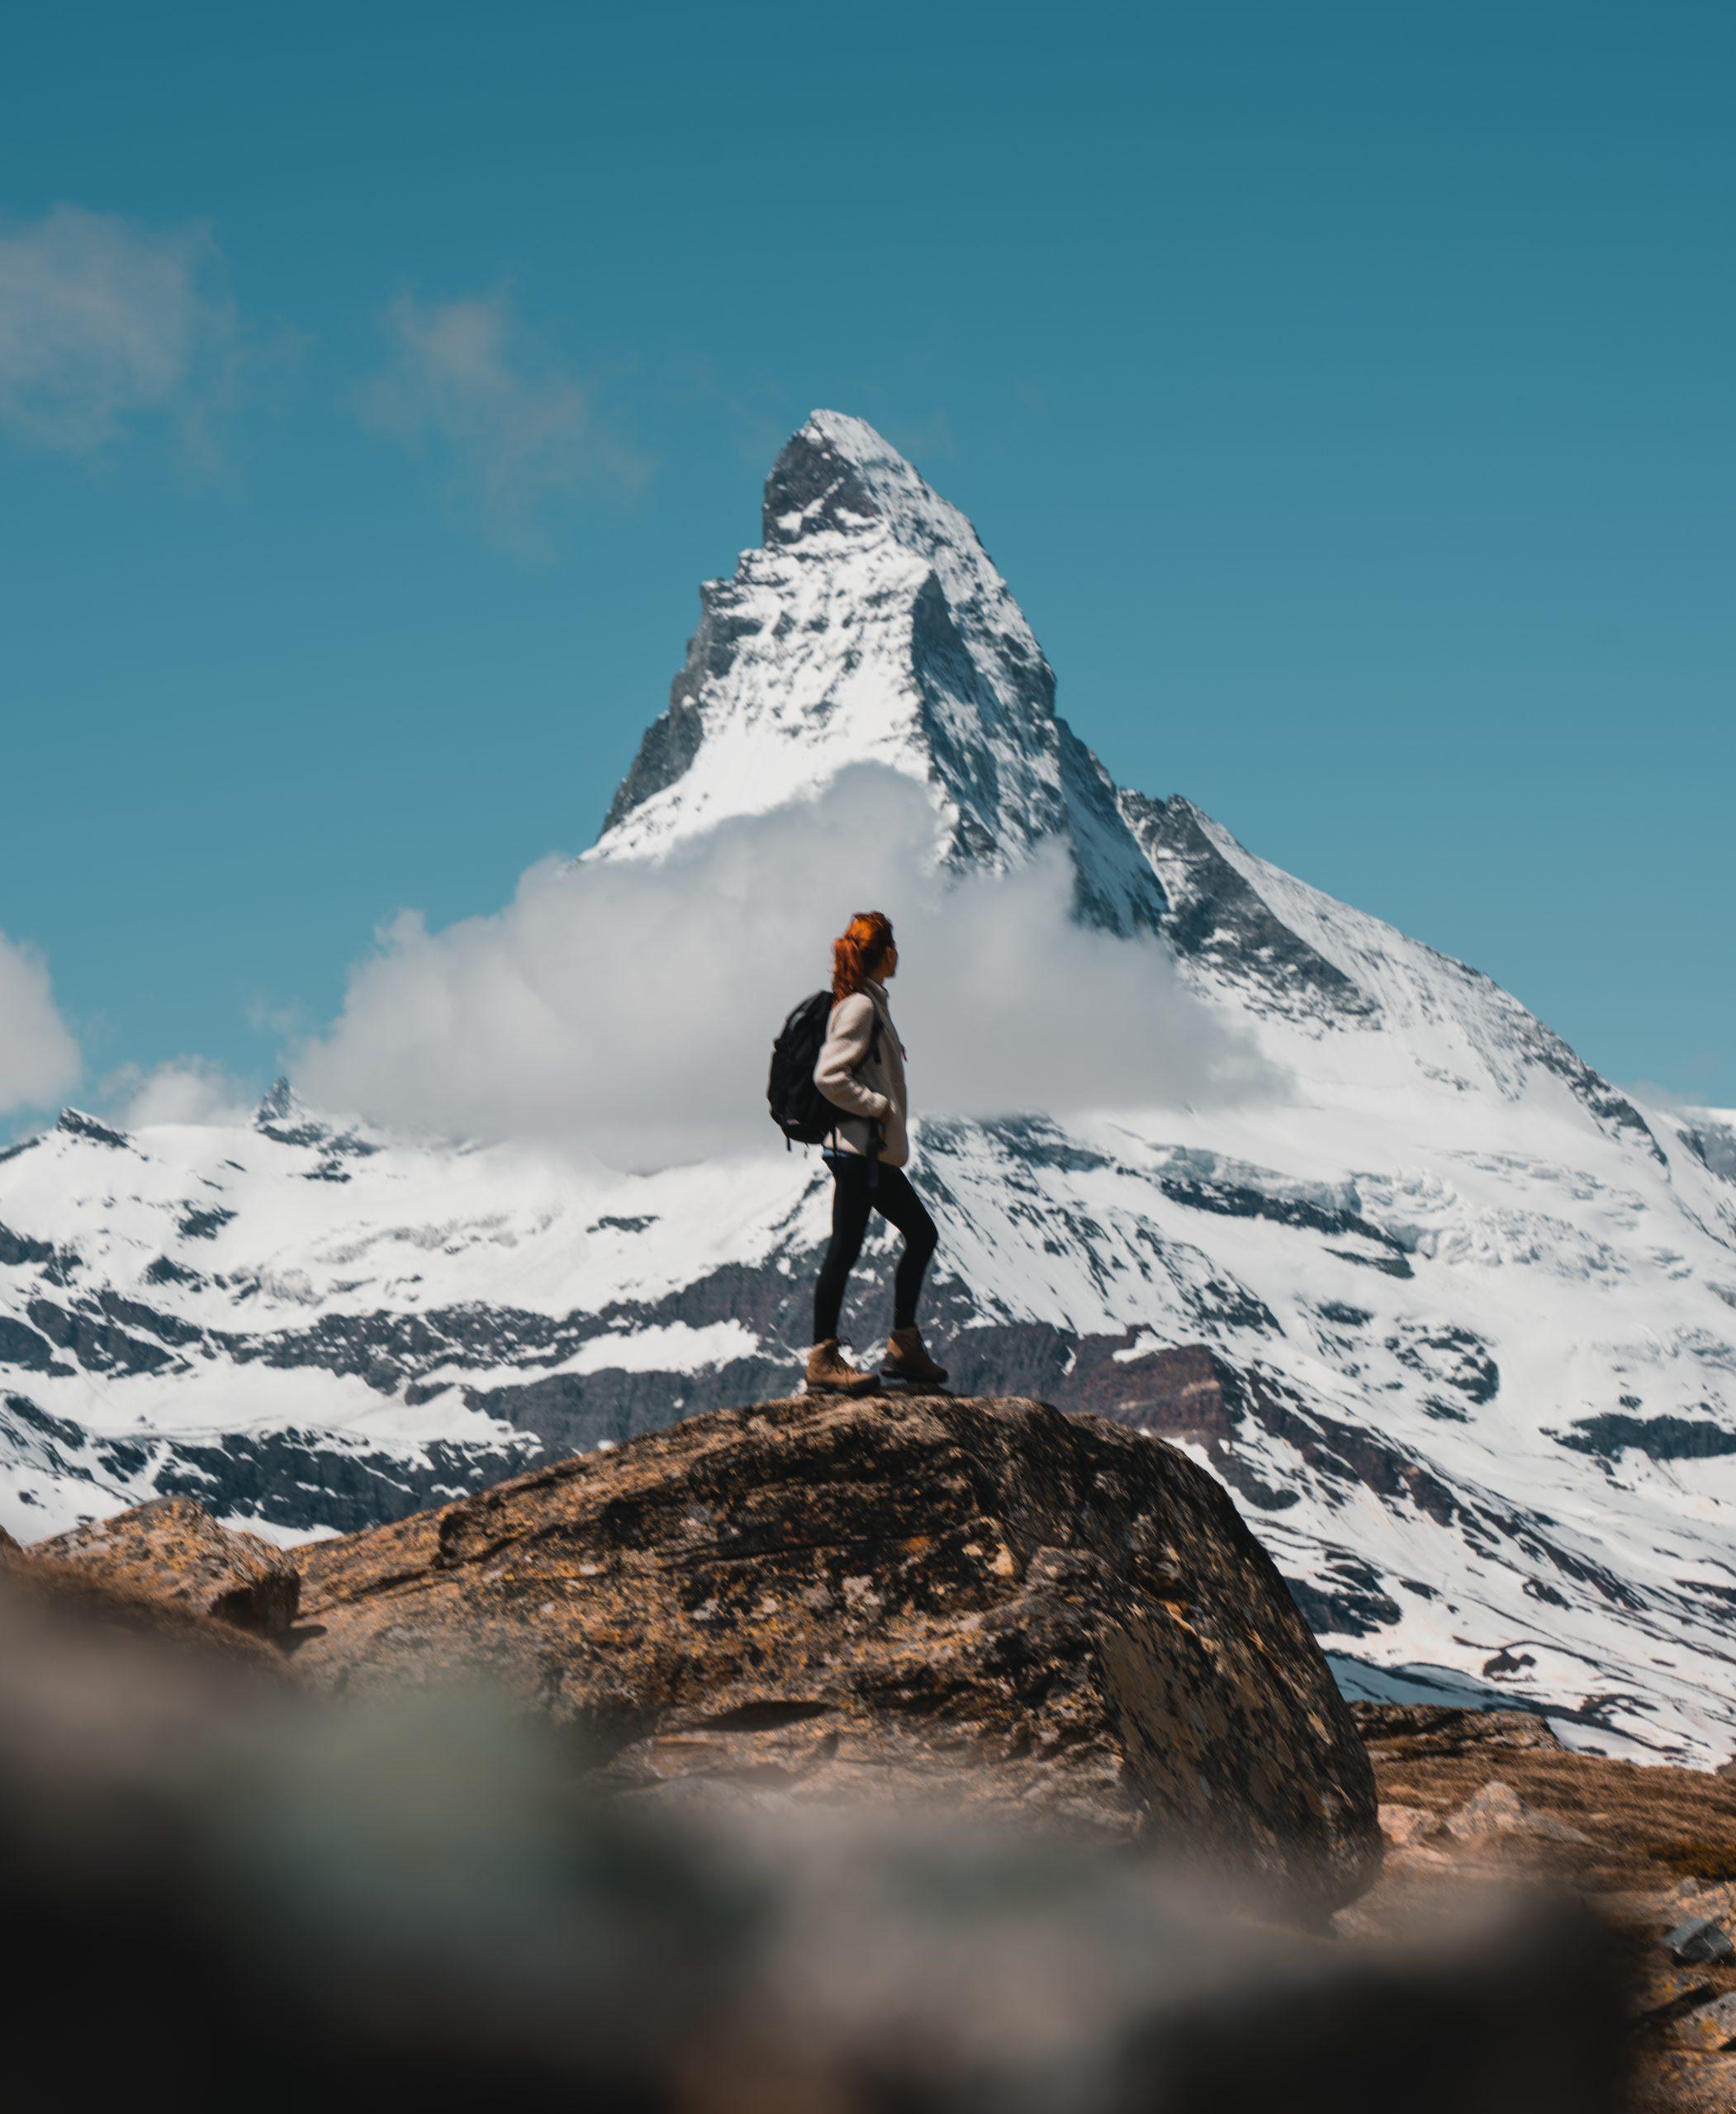 DSC03042-scaled Schweiz Road Trip mit dem 100% elektrischen ID.3 - Planung, Route & meine Erfahrung